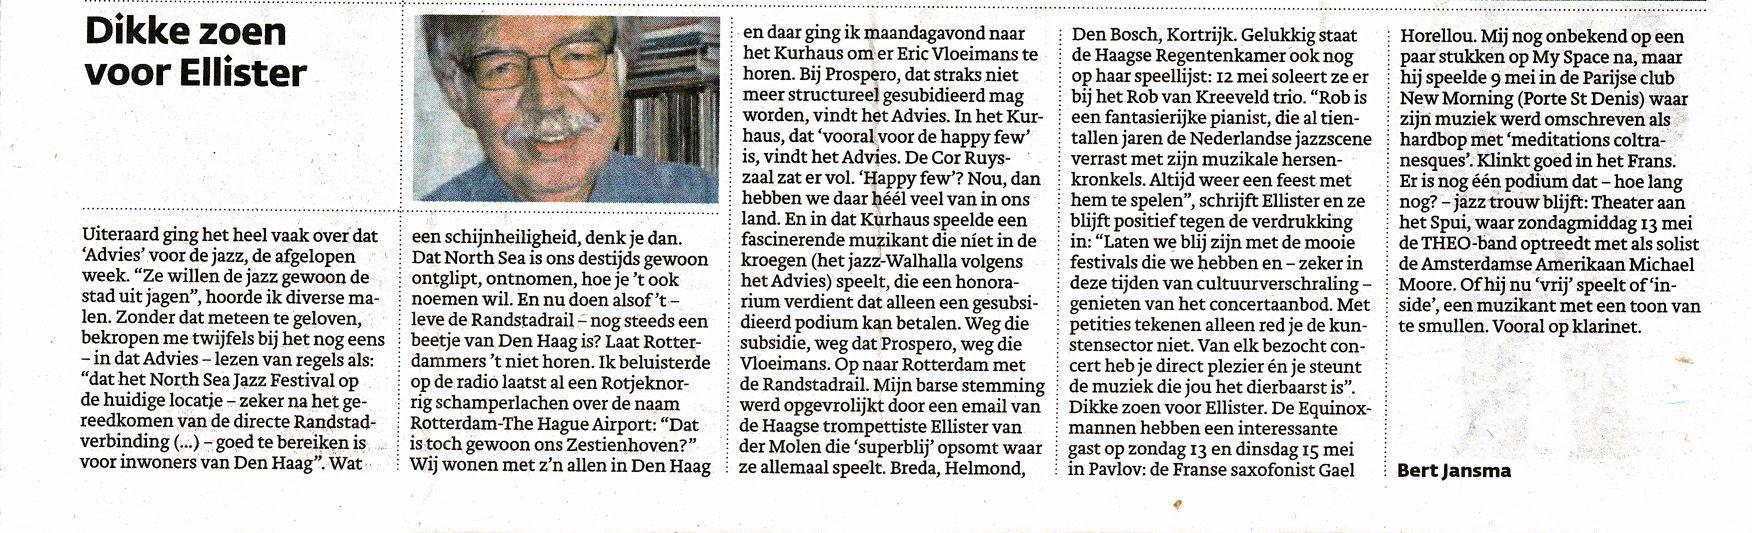 Den Haag Centraal - Dikke zoen van Bert (artikel)